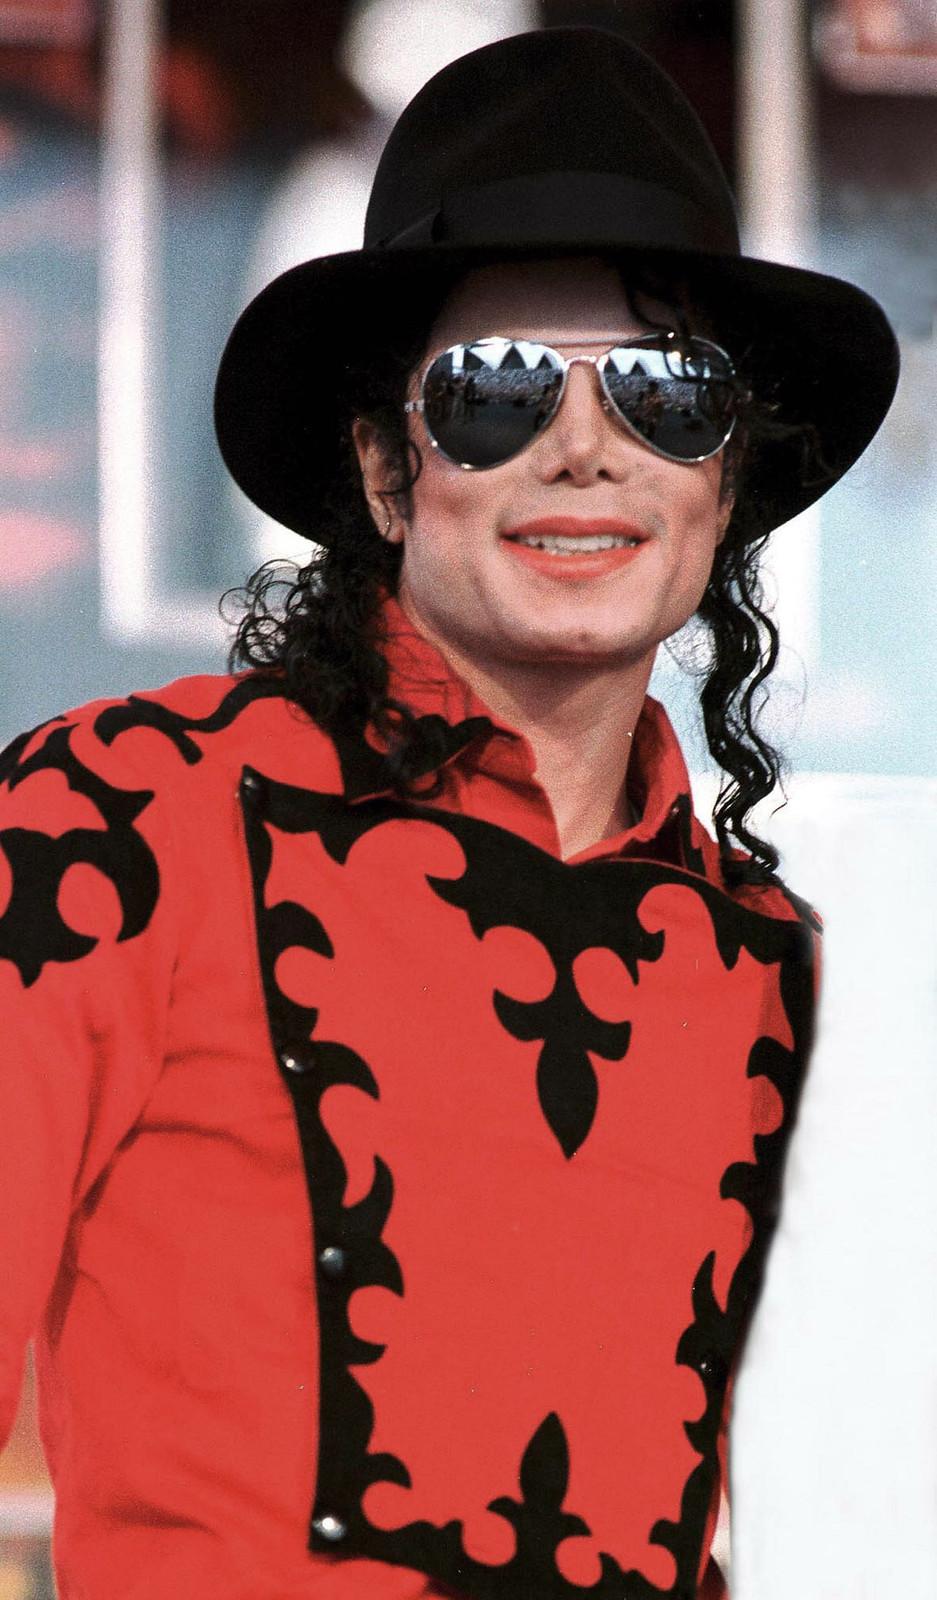 Фото | Майкл Джексон в очках и шляпе